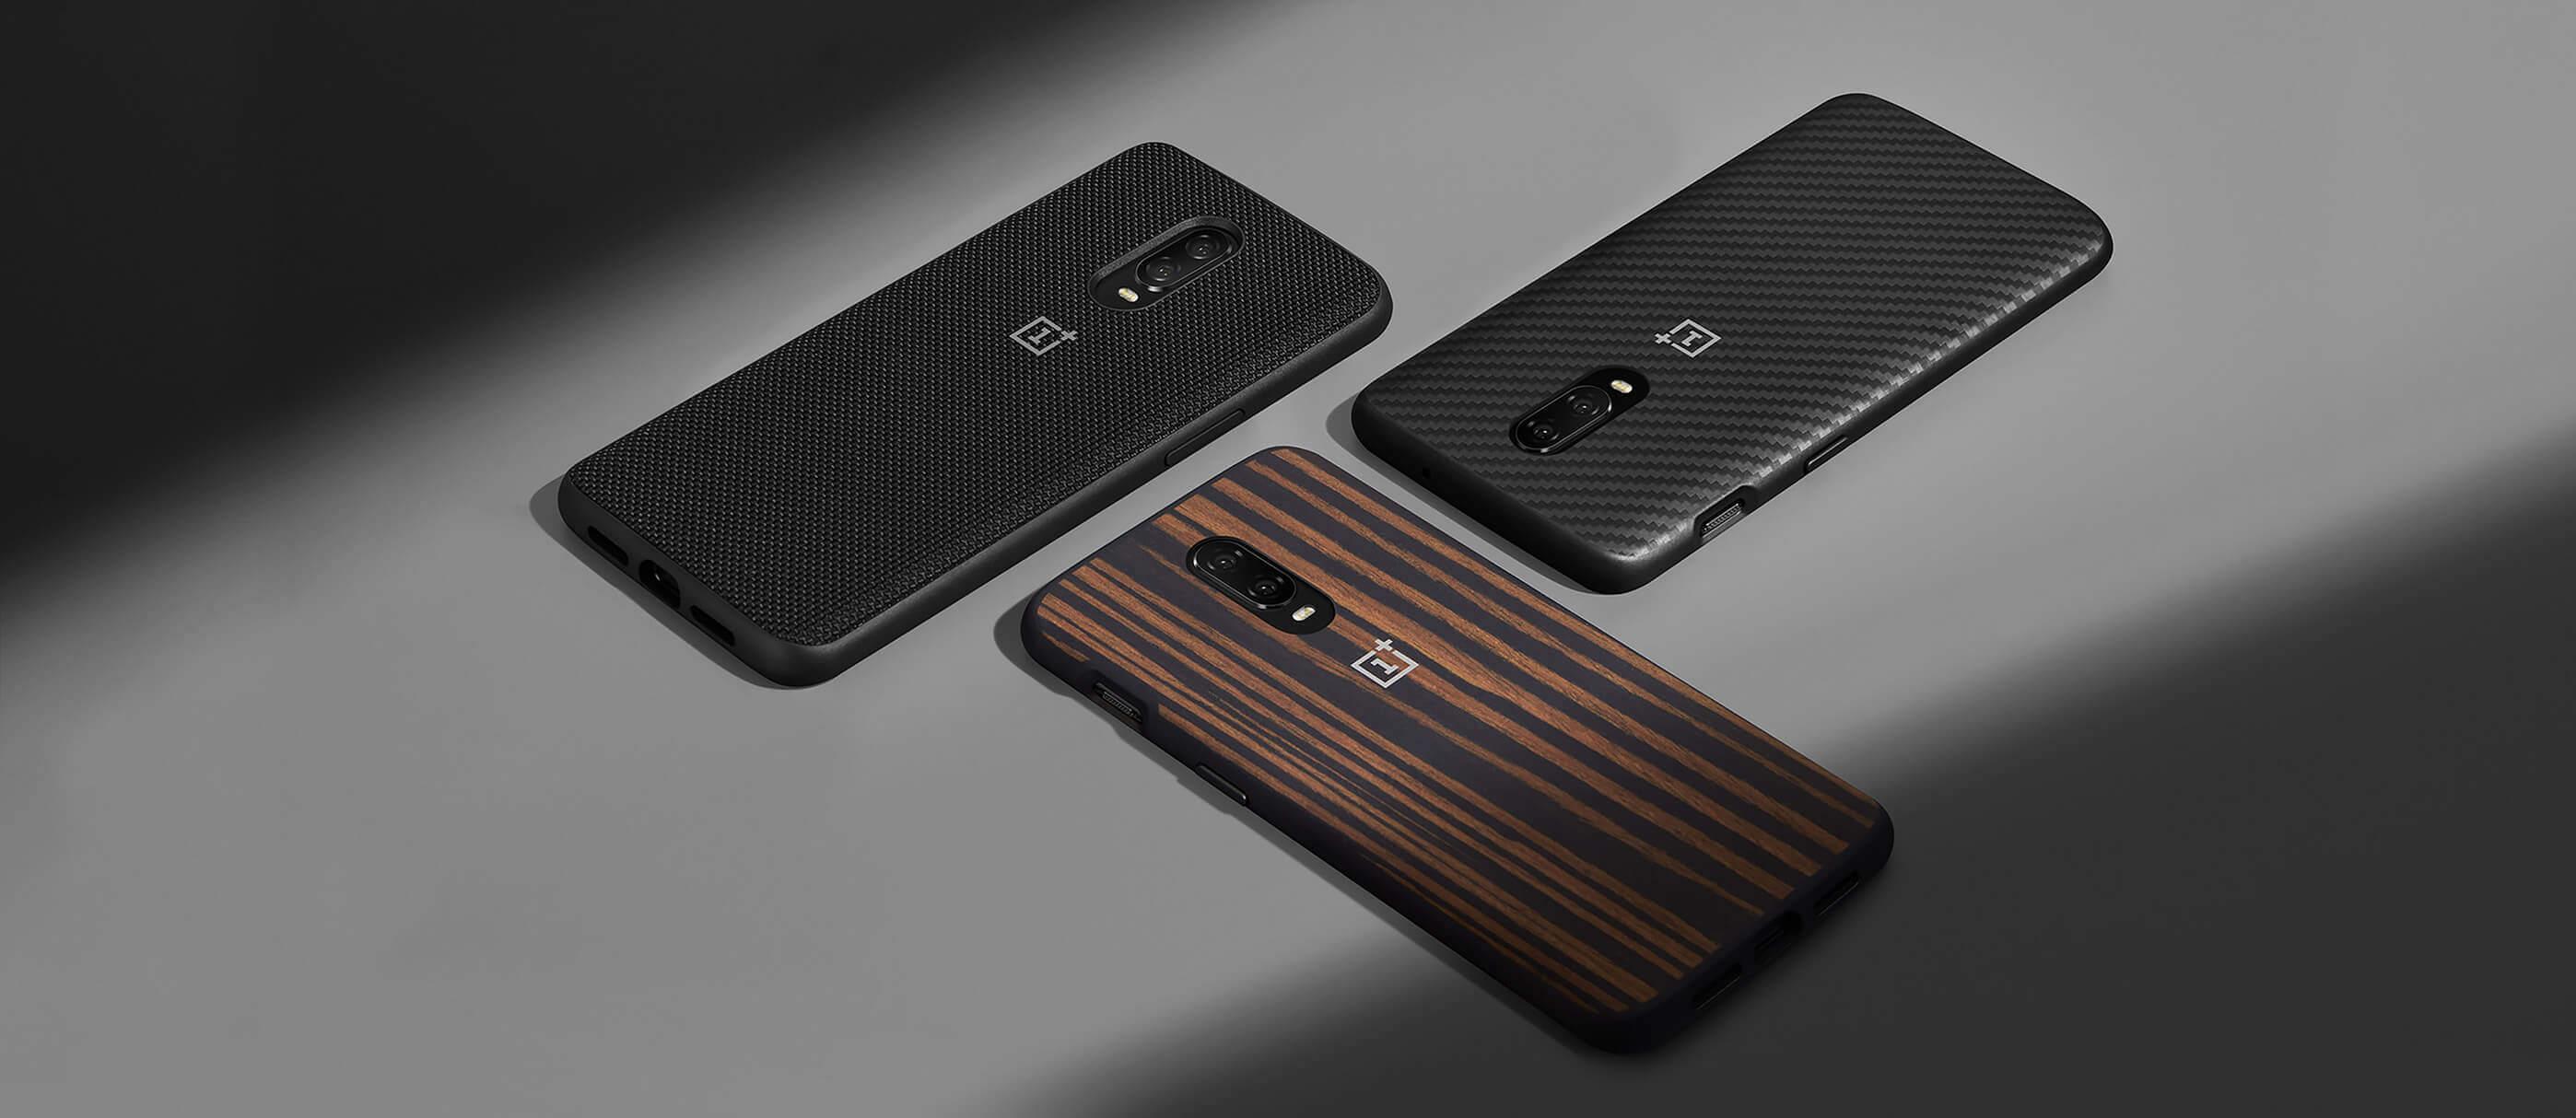 new concept ab3e3 89ce8 OnePlus 6T Karbon Bumper Case - Official